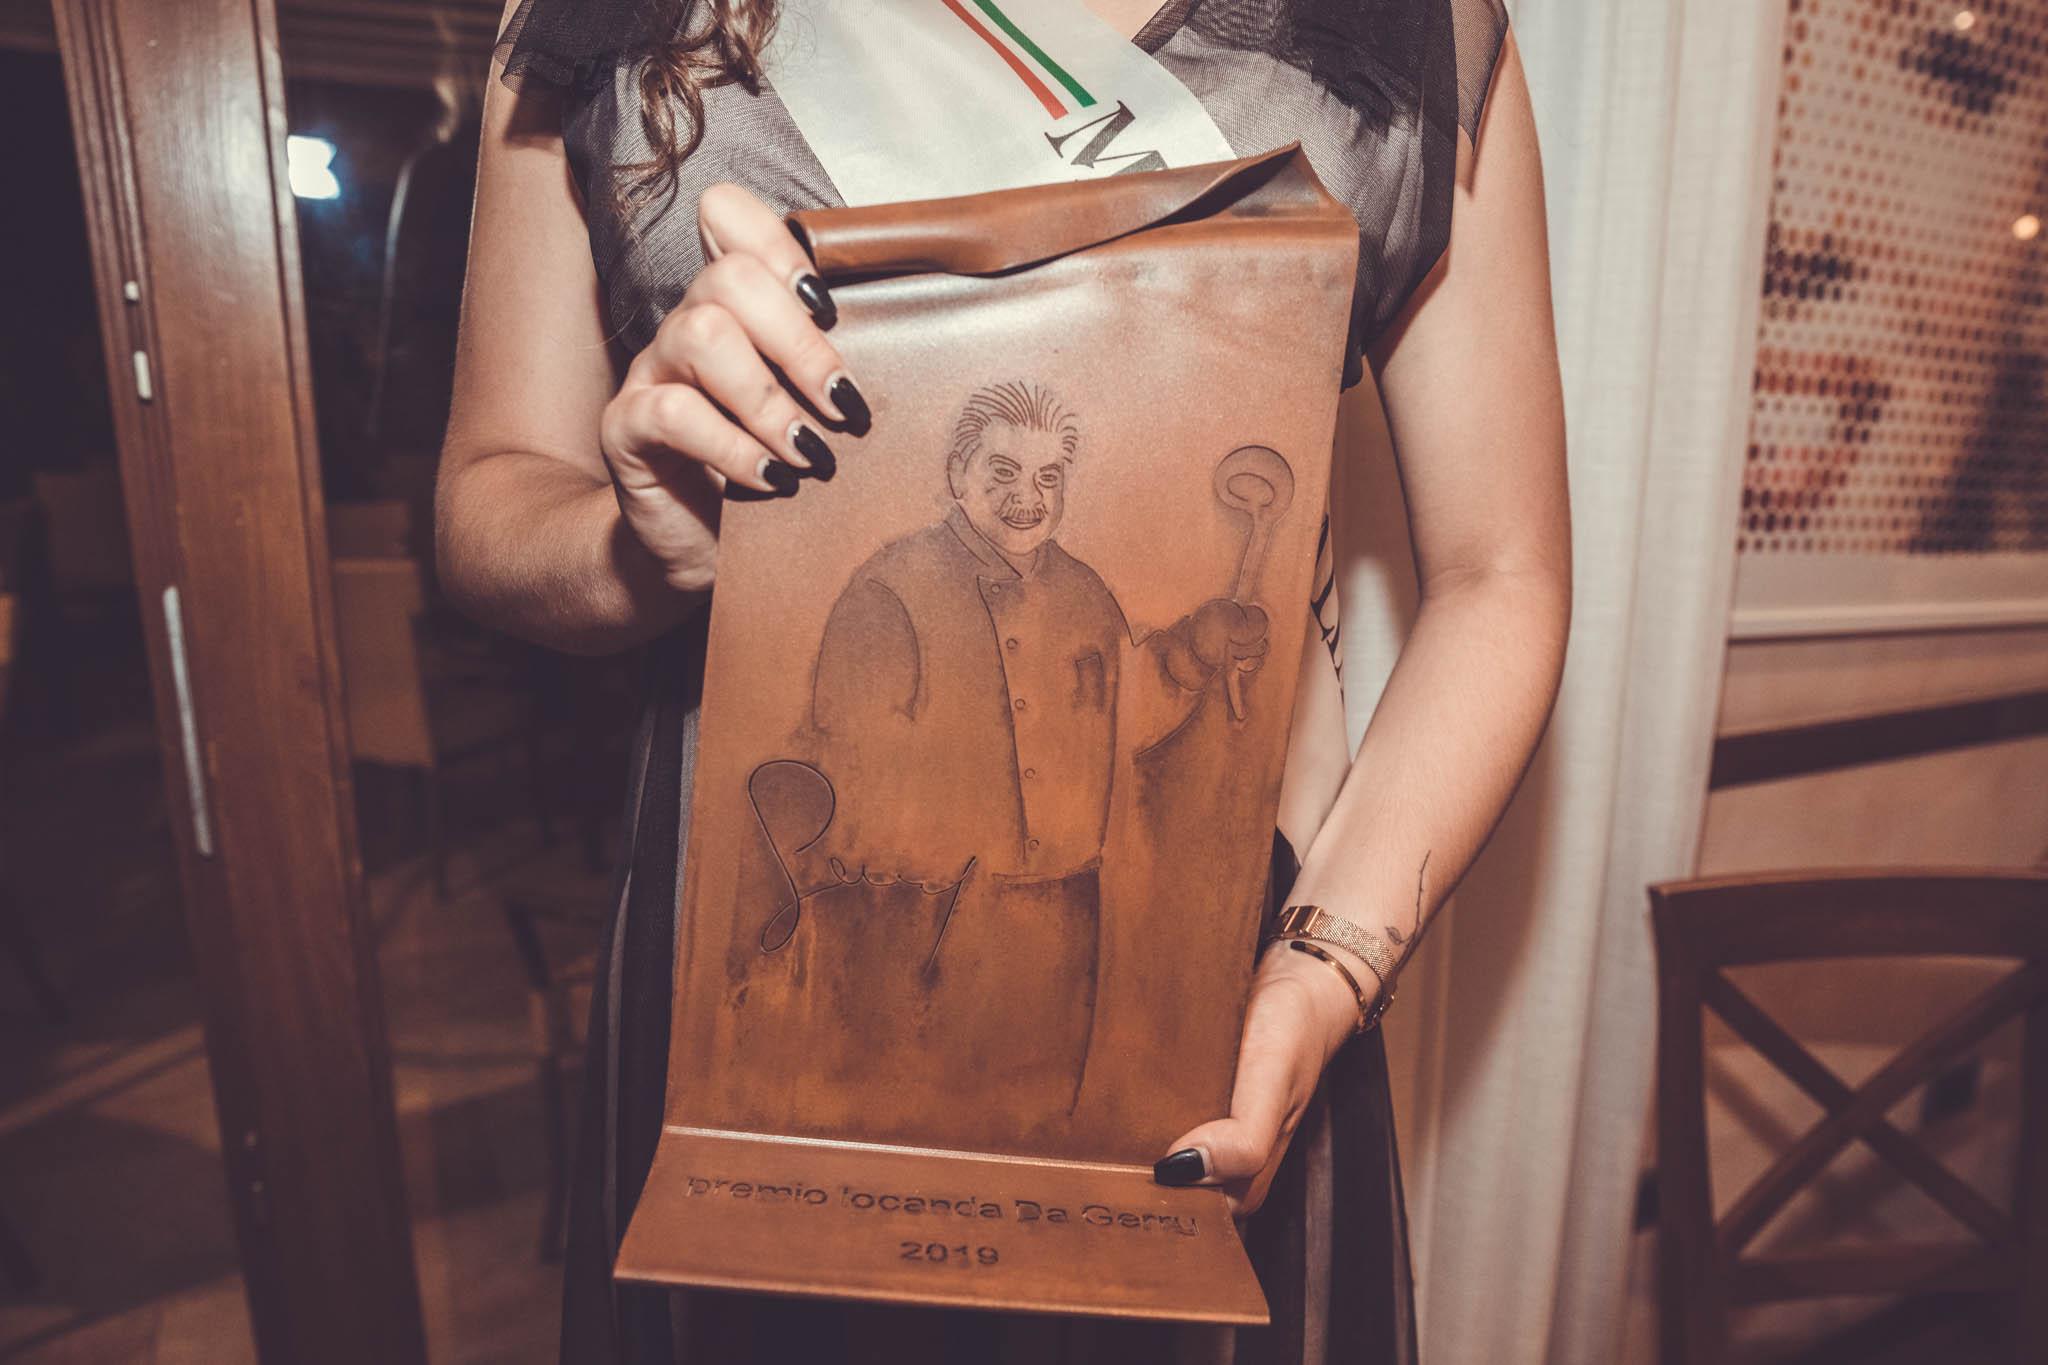 Premio Ristorante da Gerry 2019-190.jpg